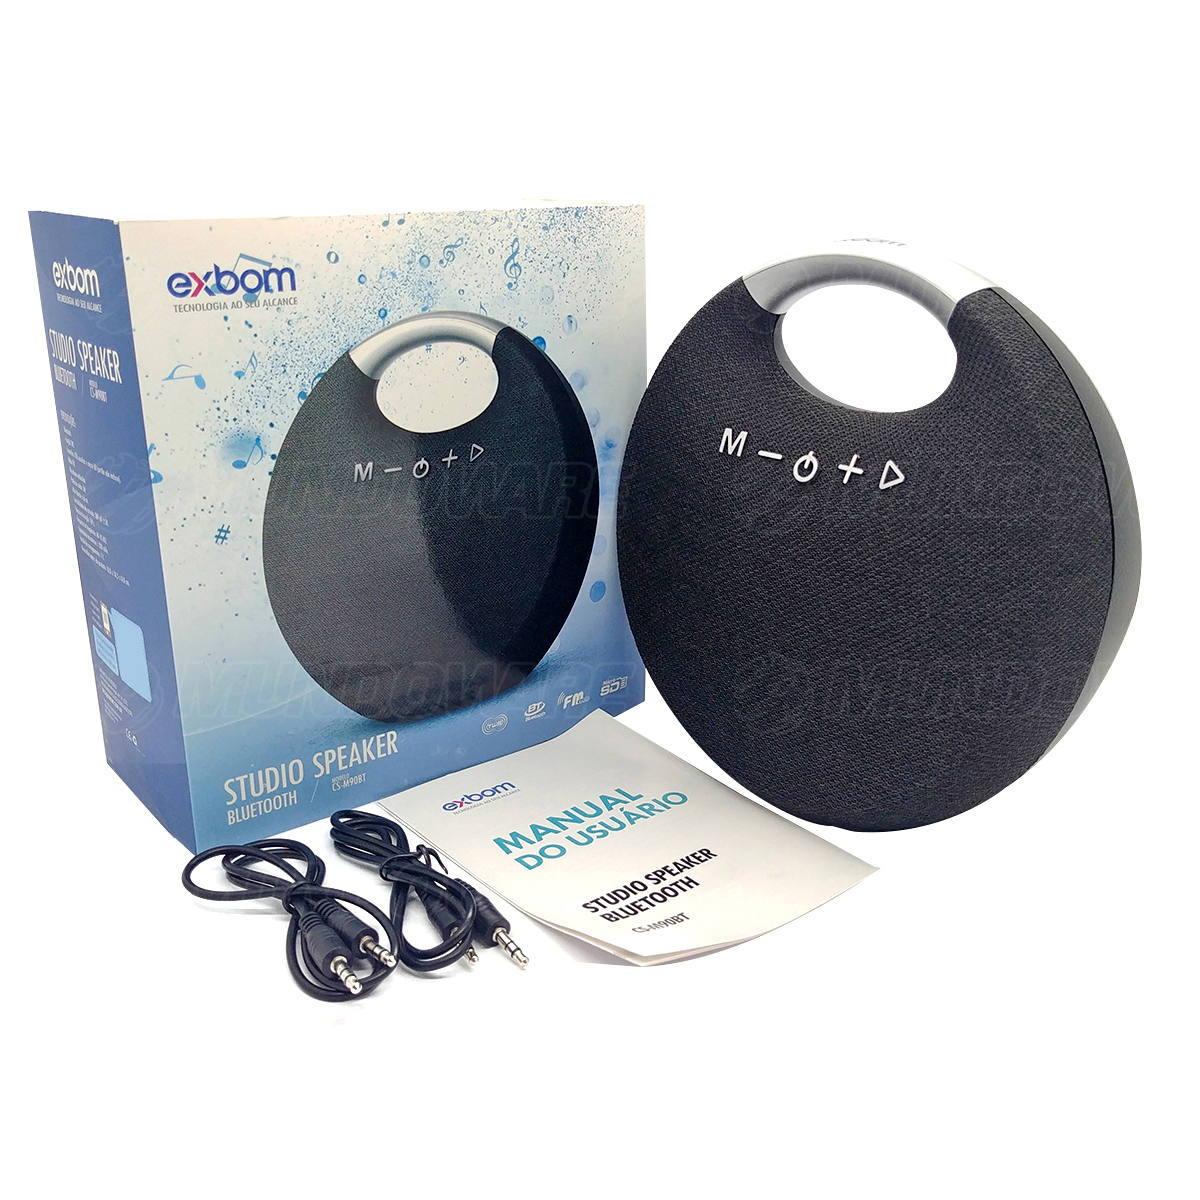 Caixa de Som Studio Speaker Bluetooth com Funções TWS USB Auxiliar SD FM Microfone com Alça Exbom CS-M90BT Preta